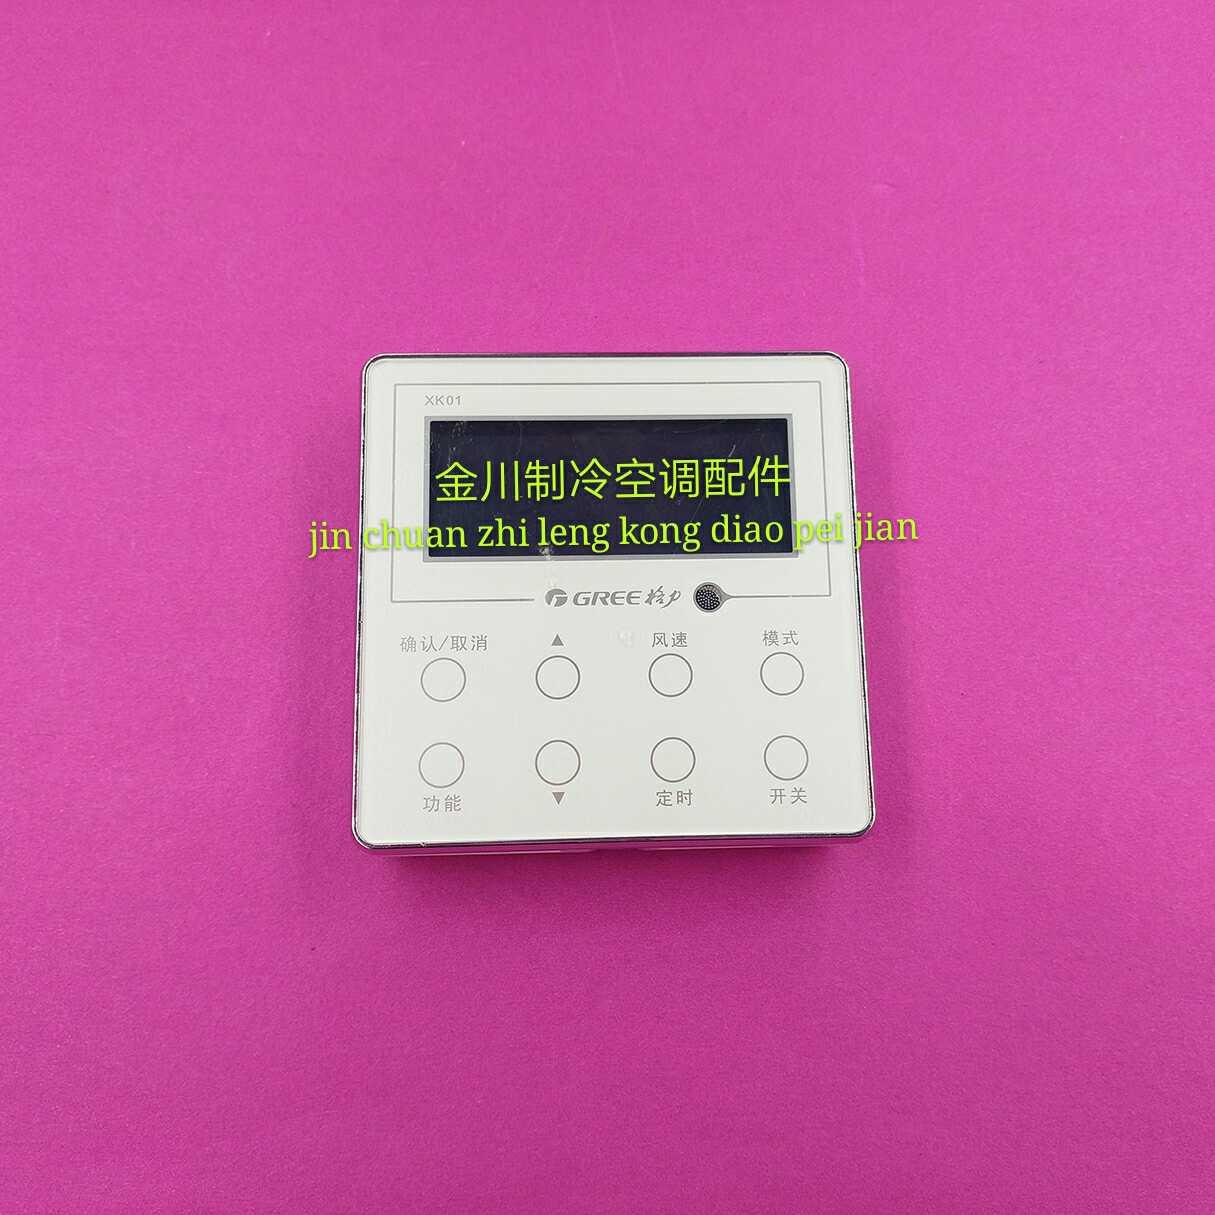 Der neue Wind - GREE - Platte, ZX6045 zeigt die fernbedienung 30296019 manipulator XK01